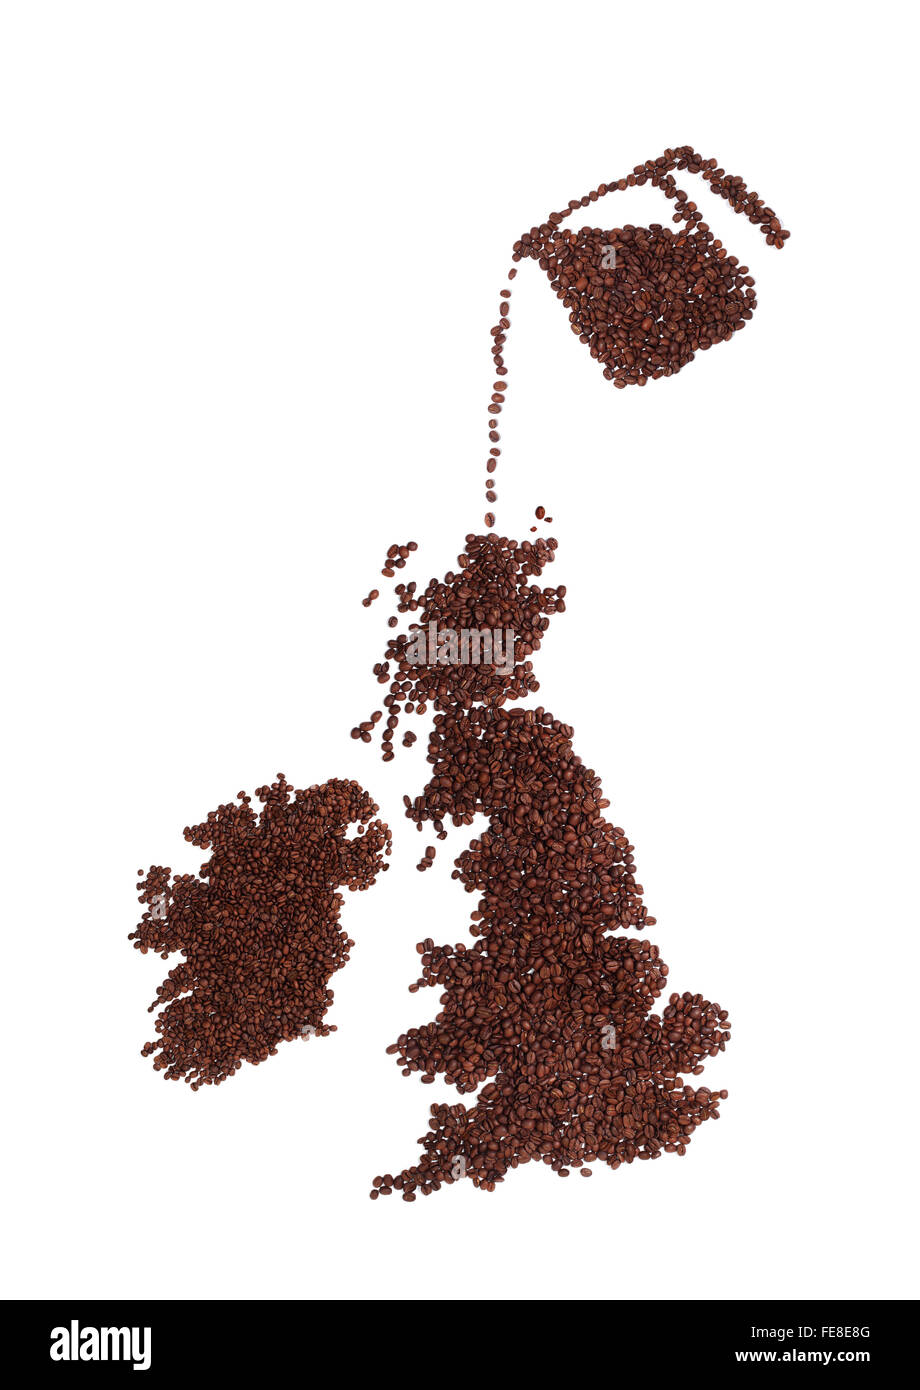 Kännchen Kaffee Bohnen auf einer Karte von England, Irland und Schottland in Strömen. Alle von Brown, Stockbild